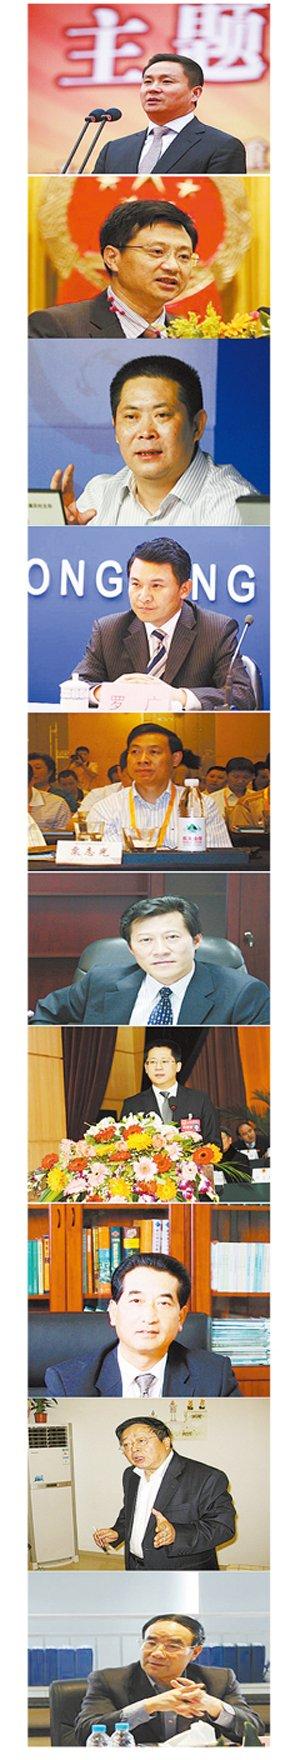 不雅视频撂倒重庆10高官 有人本有远大政治前途